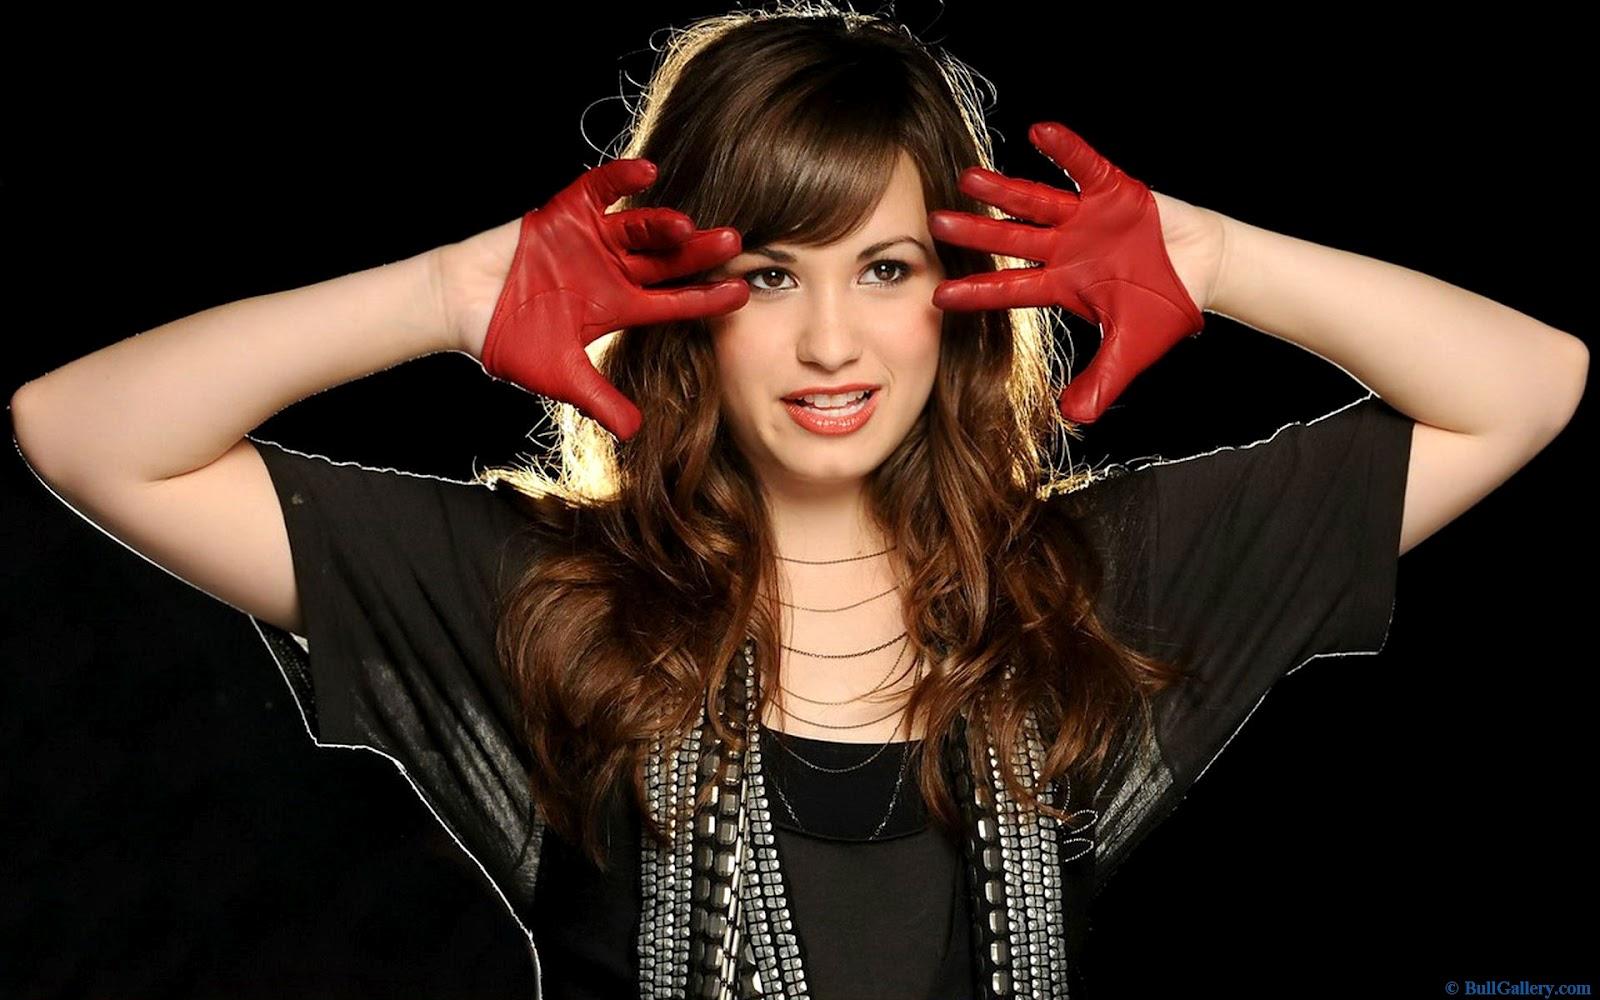 http://3.bp.blogspot.com/-a7xtNYO93vs/UEihhHvSsBI/AAAAAAAAEL4/IlCwBZu3ns4/s1600/Demi-Lovato-Bio.jpg